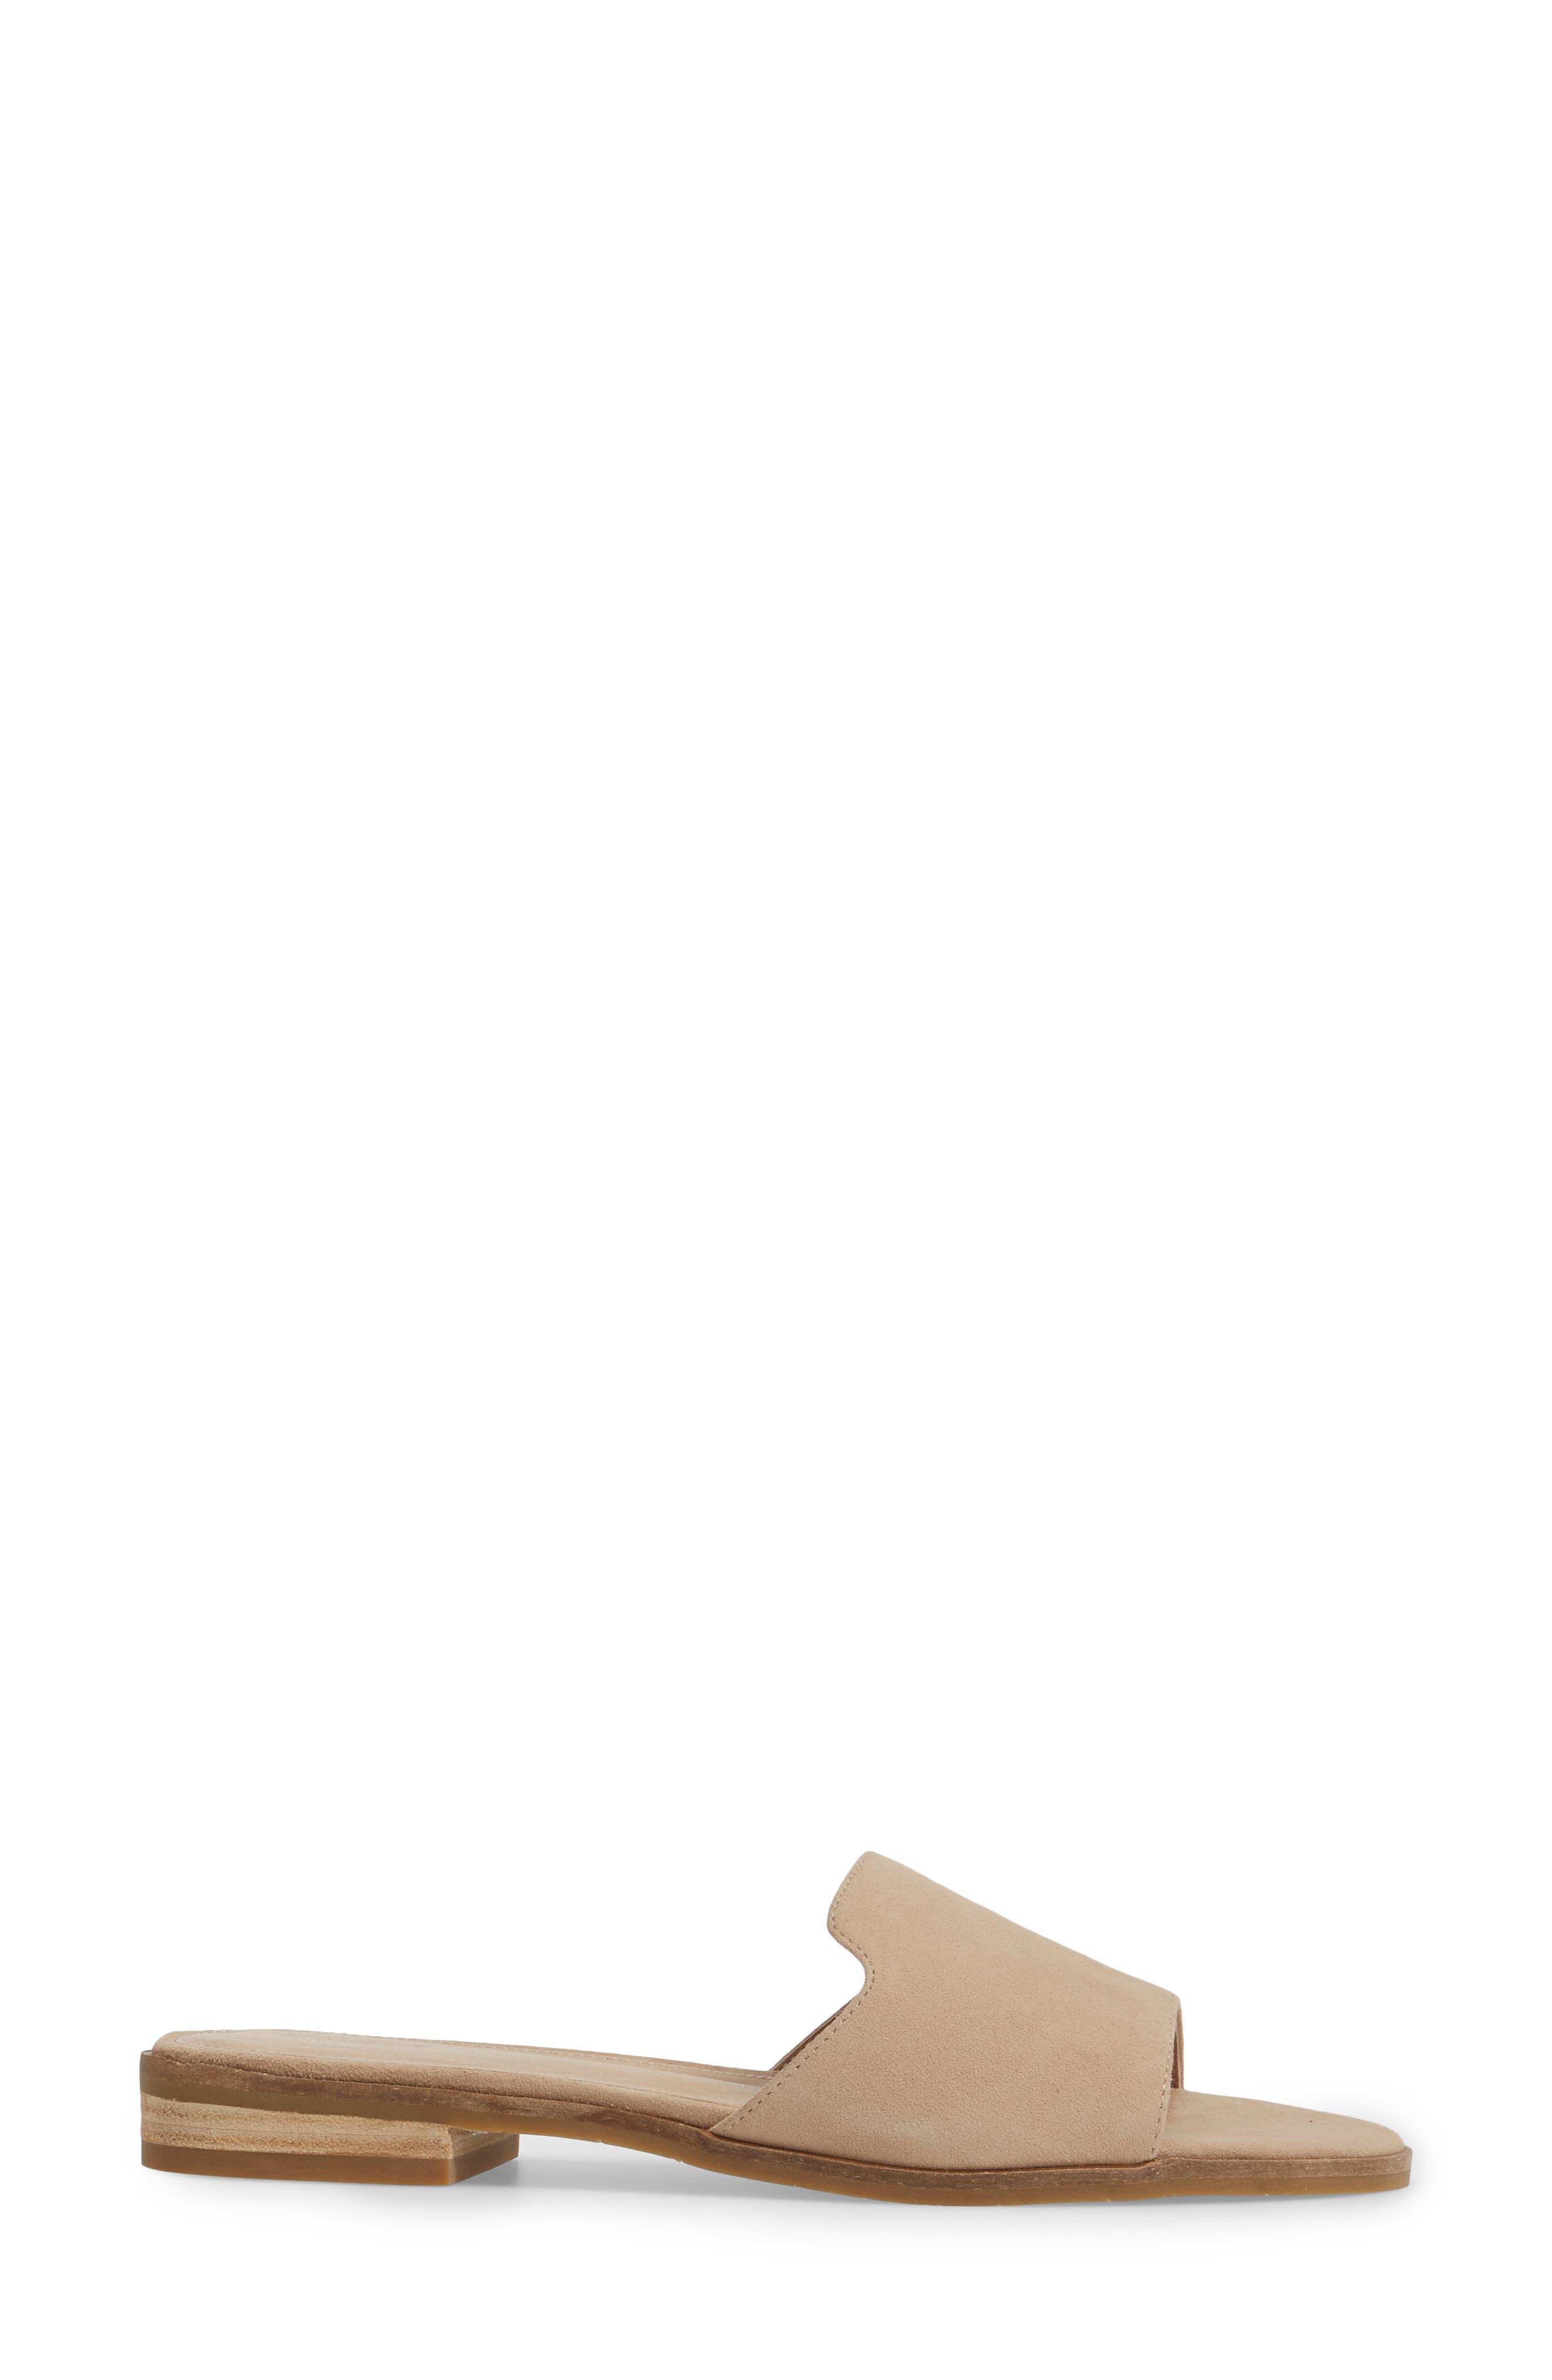 Hailey Slide Sandal,                             Alternate thumbnail 3, color,                             Sand Leather